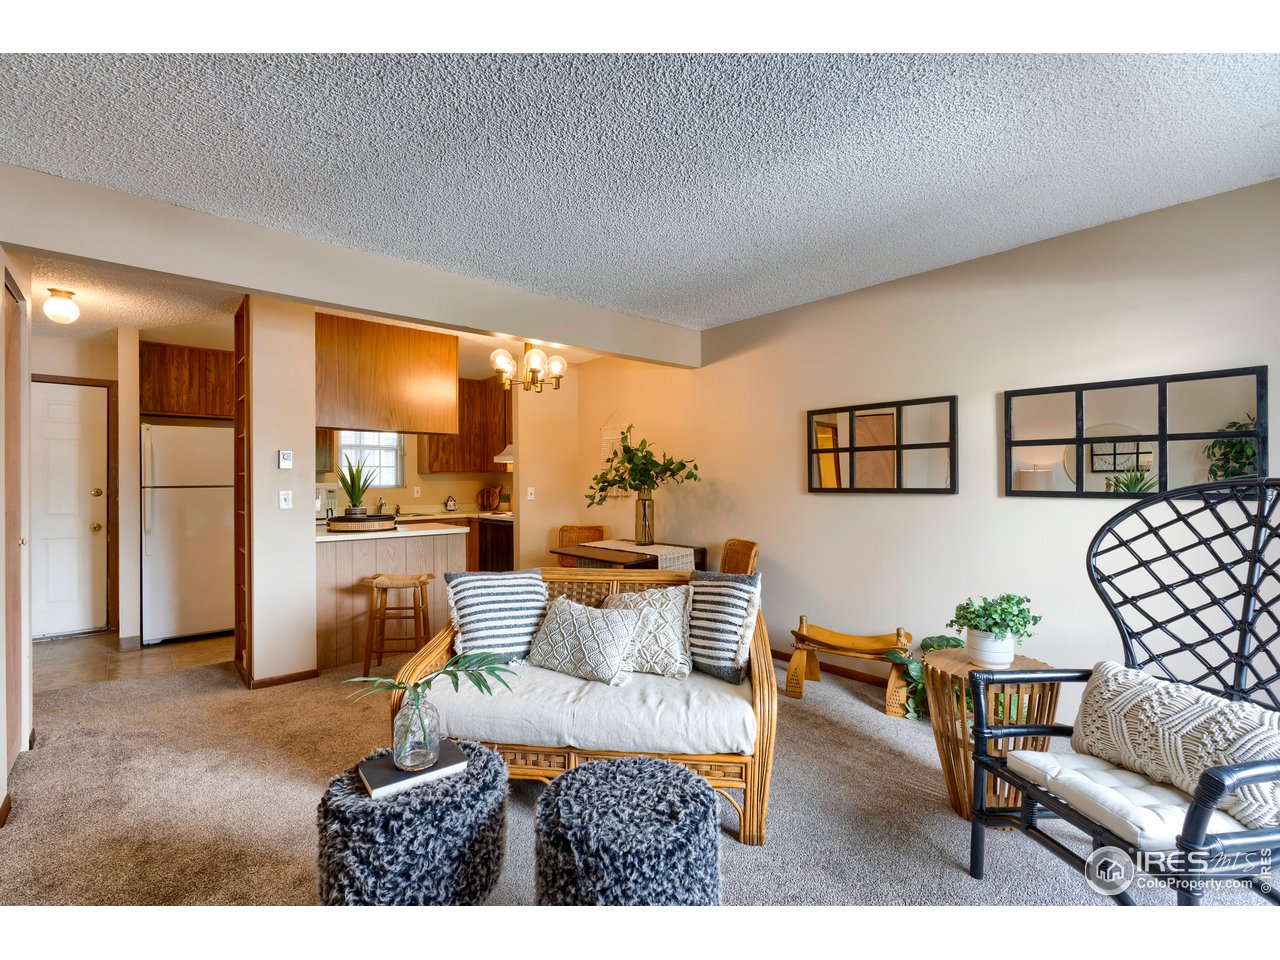 Living room adjacent to kitchen